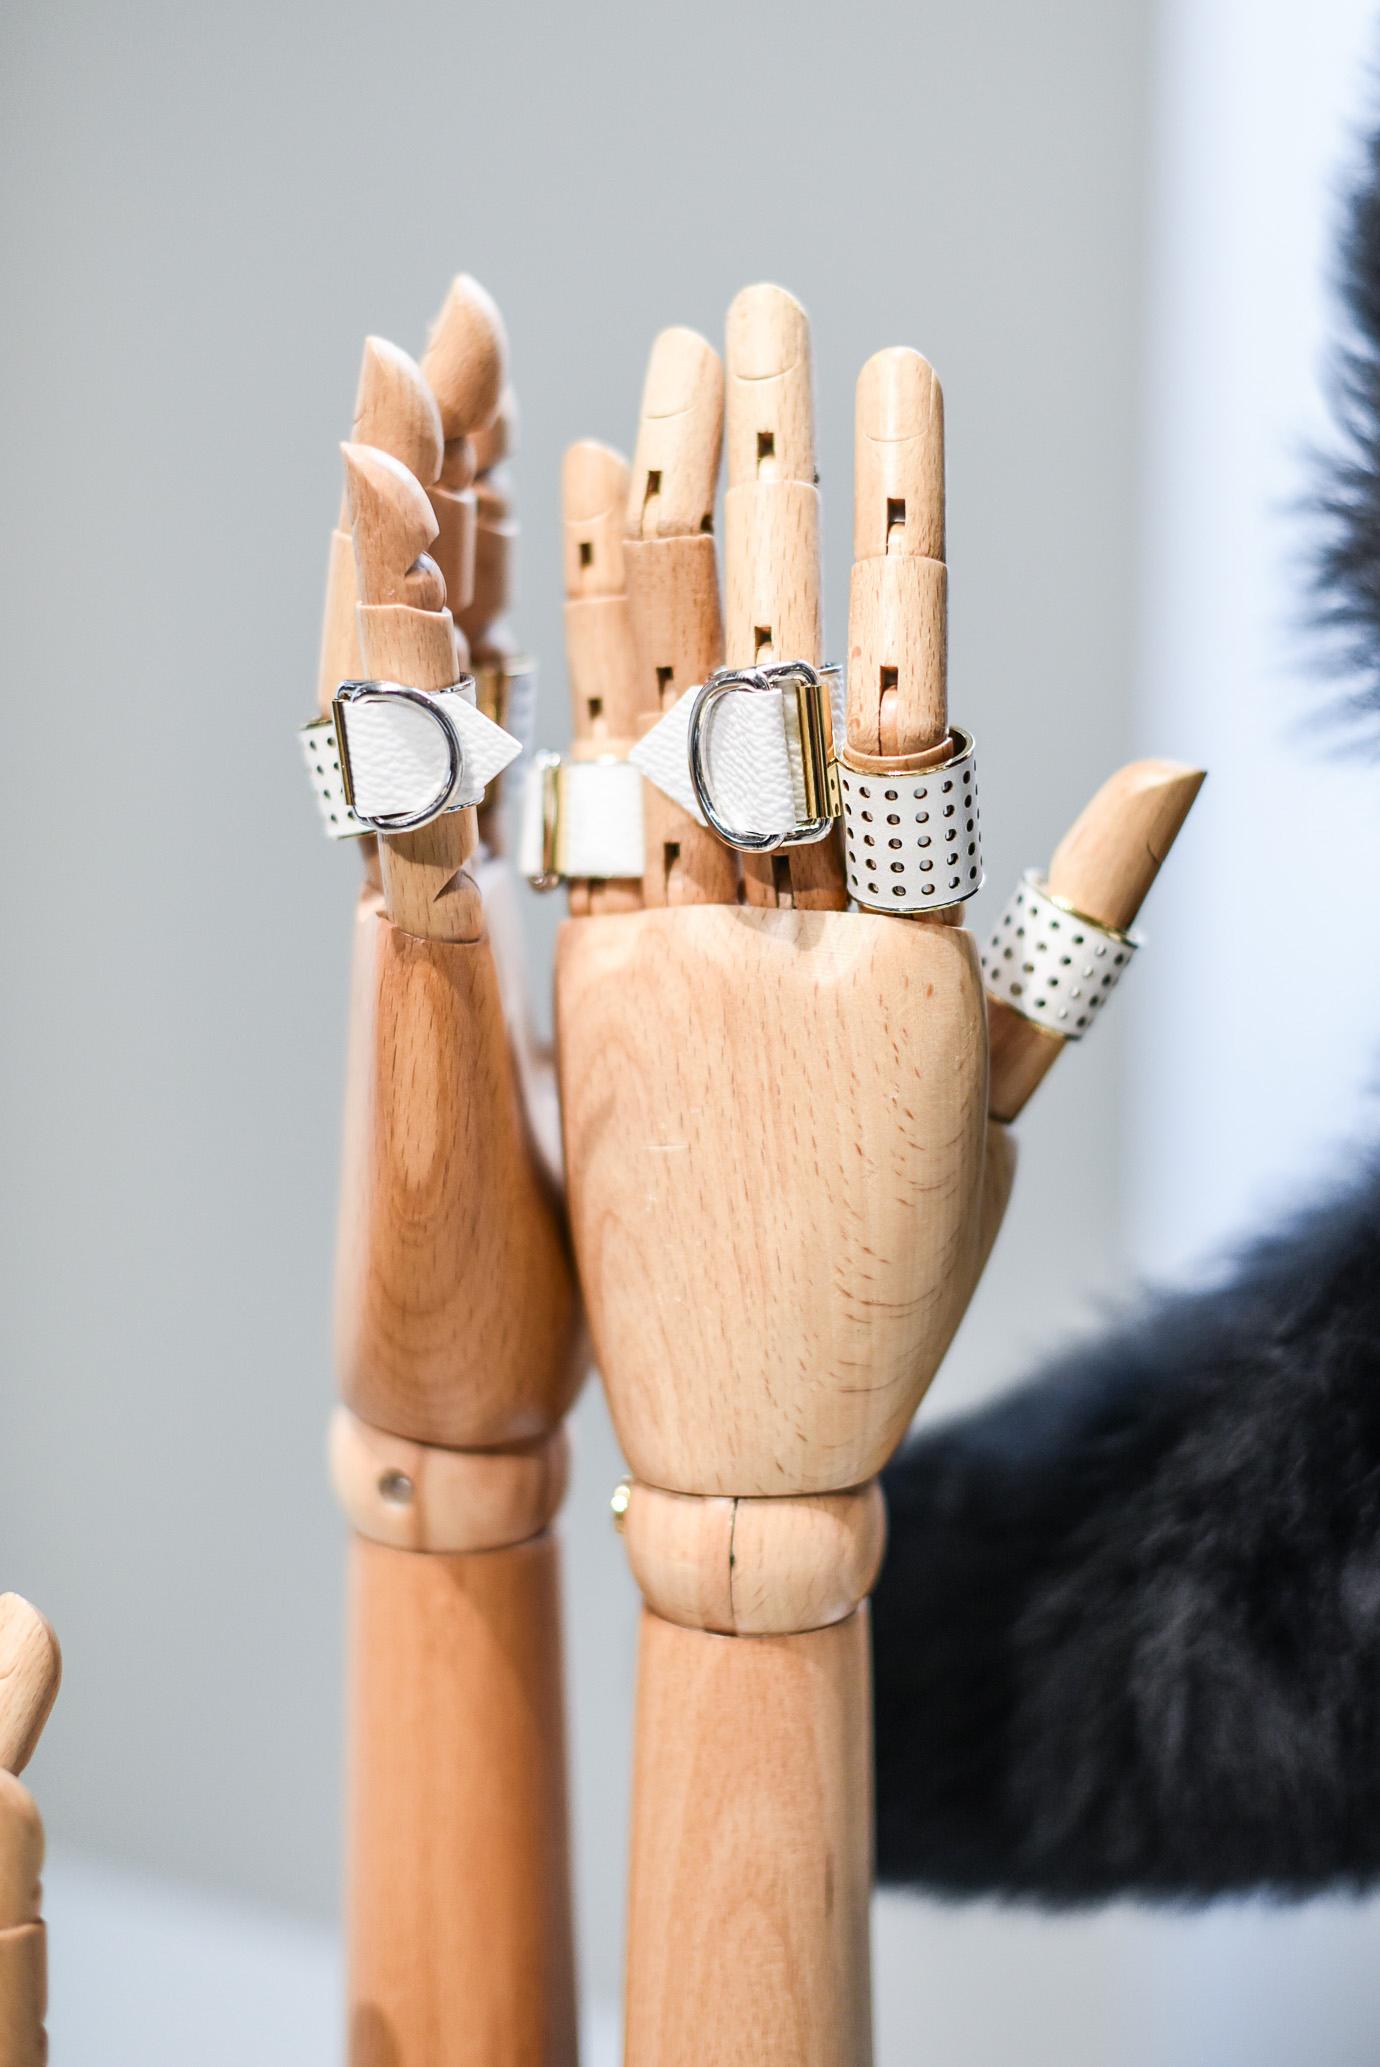 Louis_Vuitton_AW_16_17_Collection_8